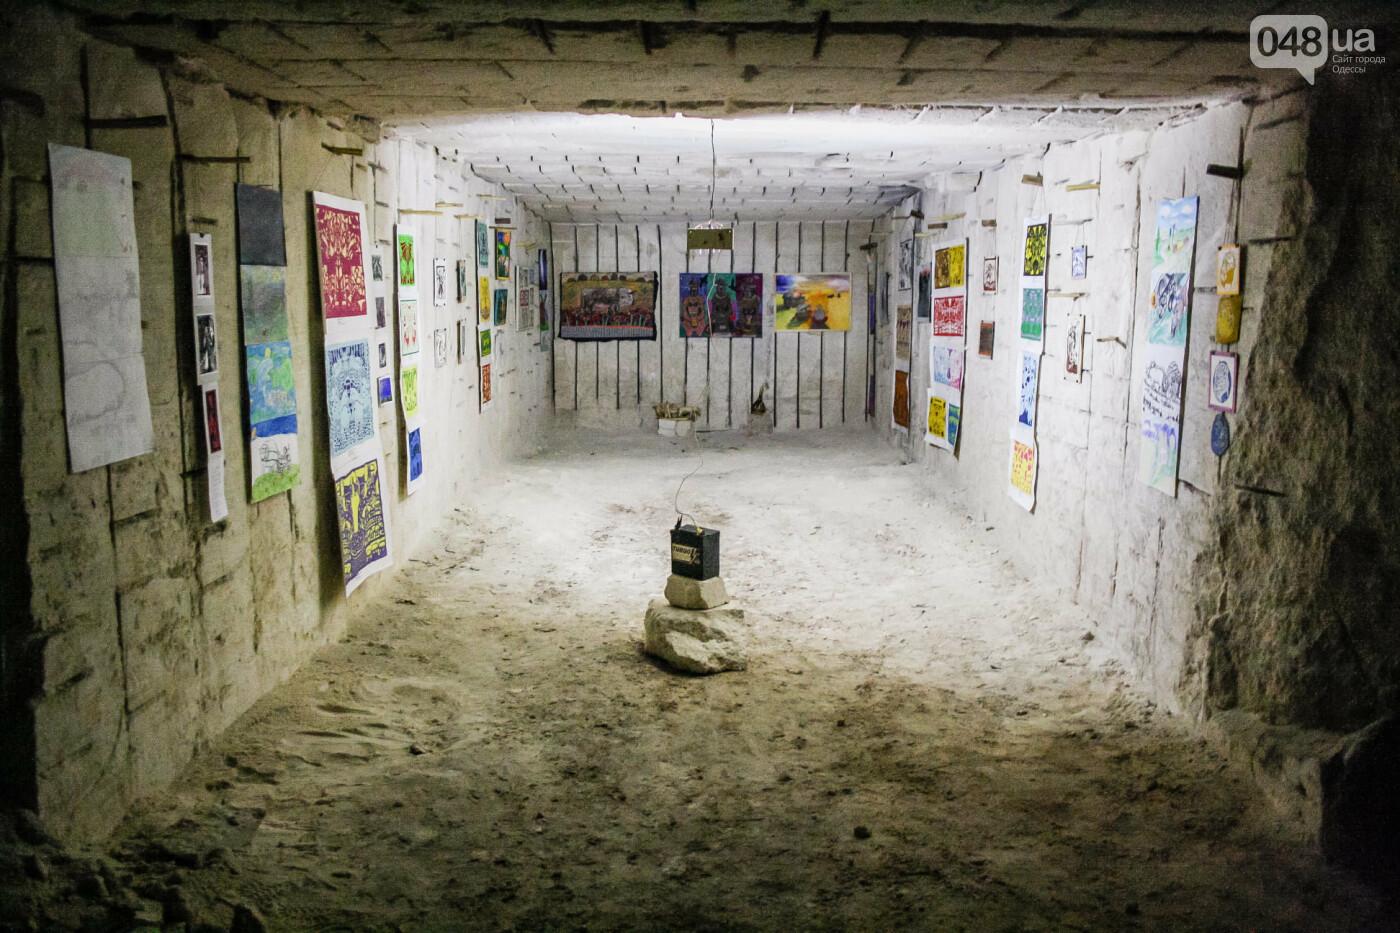 В Одесской области открылась выставка под землей,-ФОТОРЕПОРТАЖ, фото-12